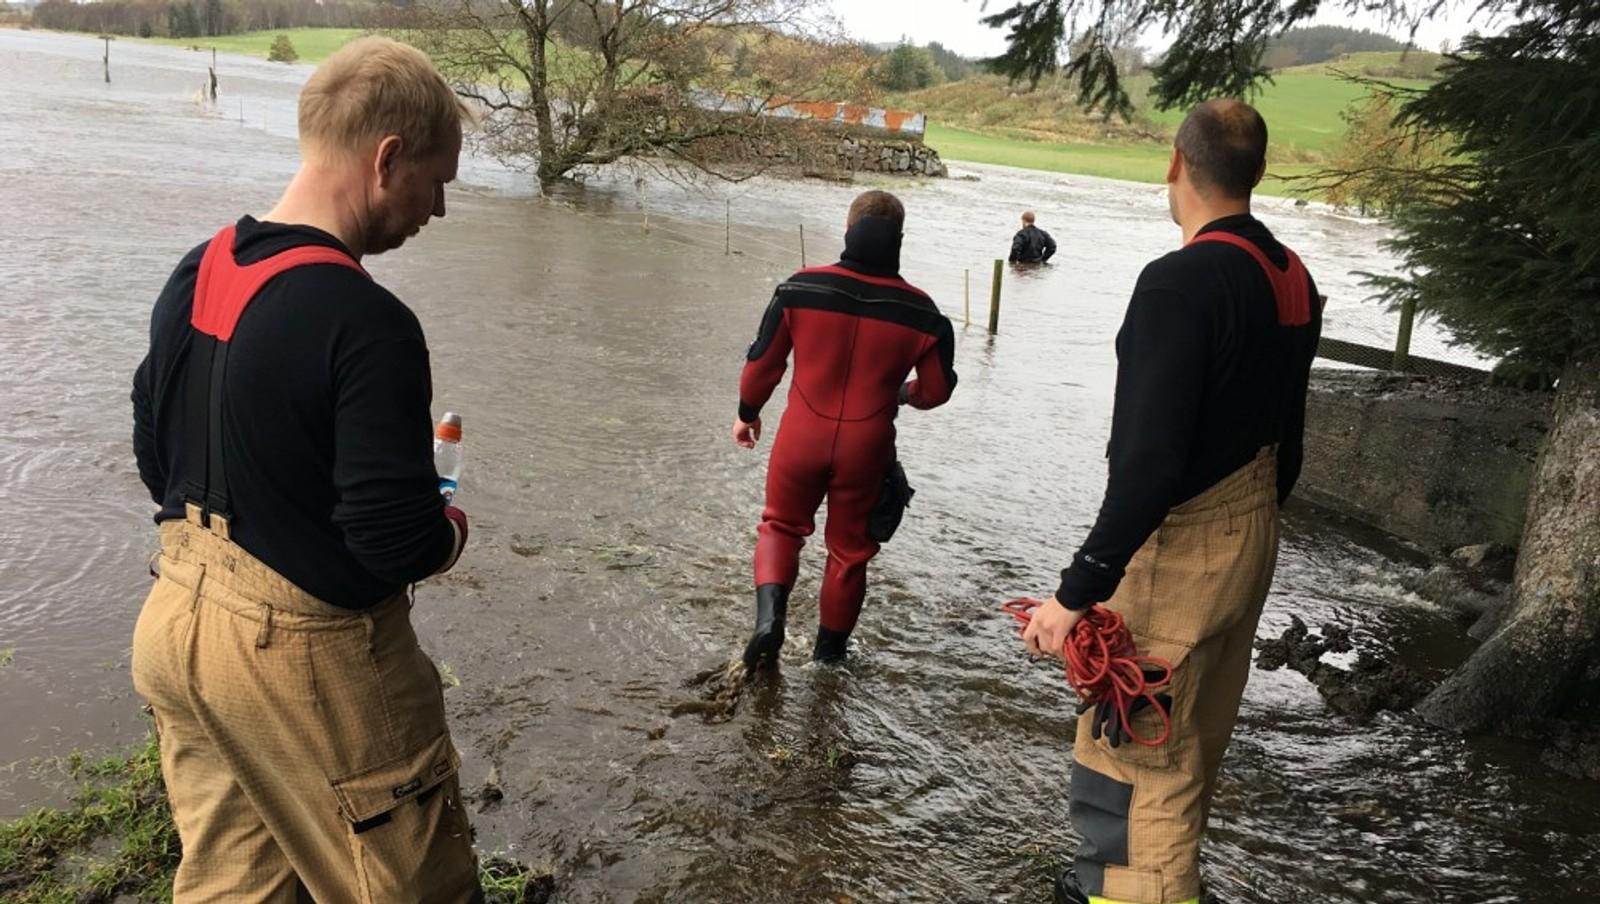 ROGALAND: Mannskaper fra Bryne brannstasjon rykker ut til sauer i nød på Undheim ved Taksdal. 20–25 sauer står i fare for å drukne der, etter at beitet de står på er oversvømt av vann. Vannet står så høyt at sauene ikke kommer seg unna.